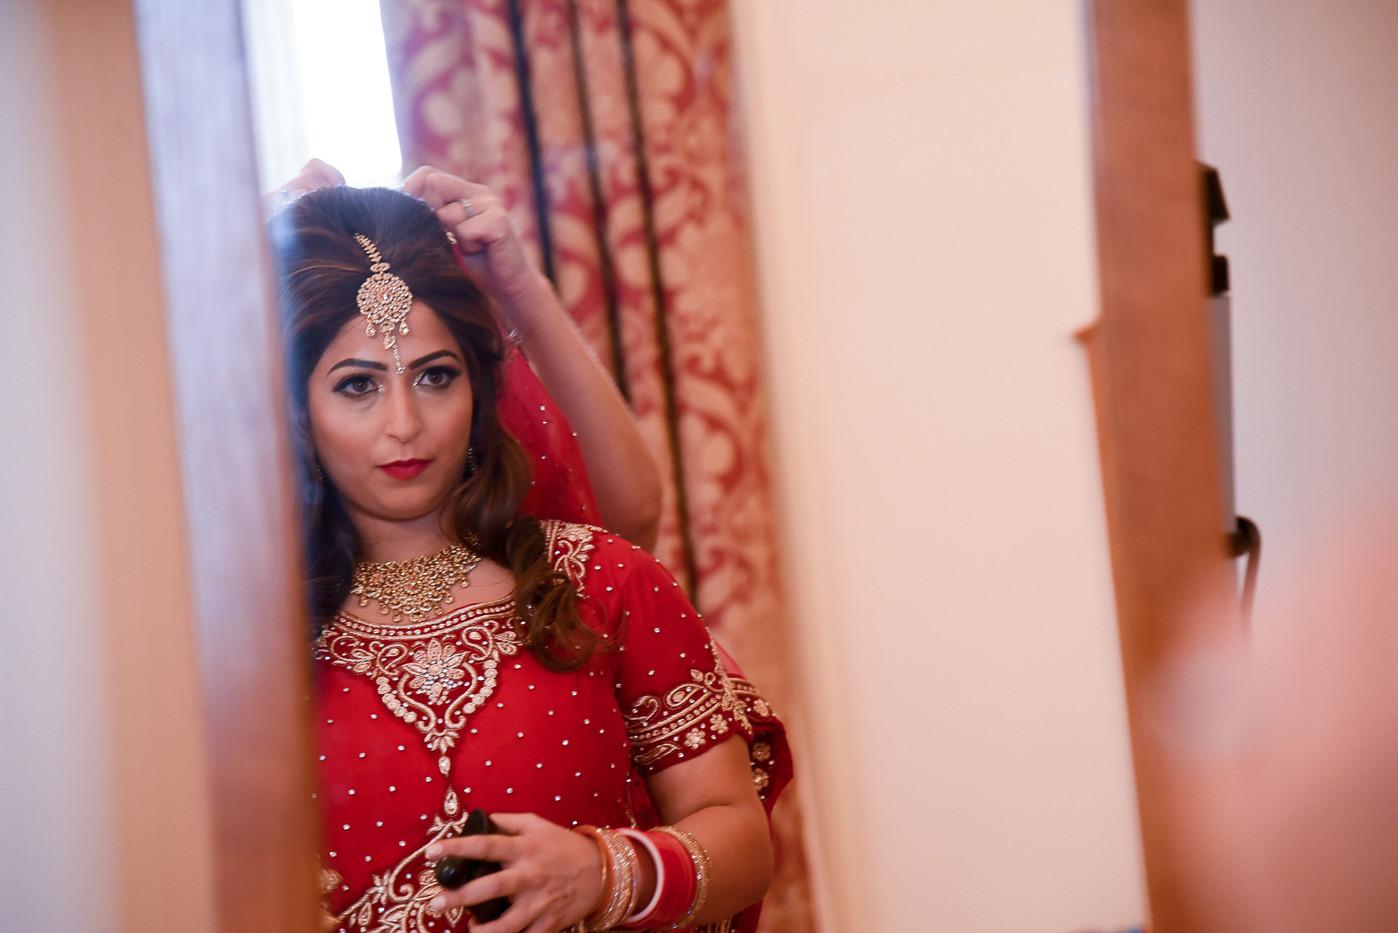 indian-bride-preparations.jpg